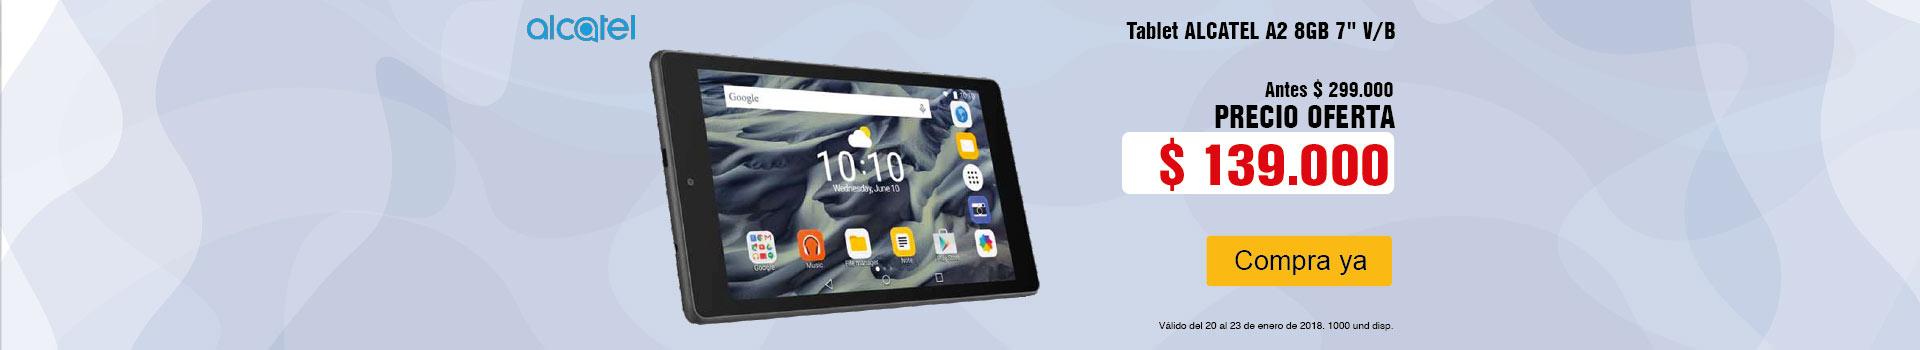 CAT AK KT-computadores-Tablet ALCATEL A2-prod-enero20-21